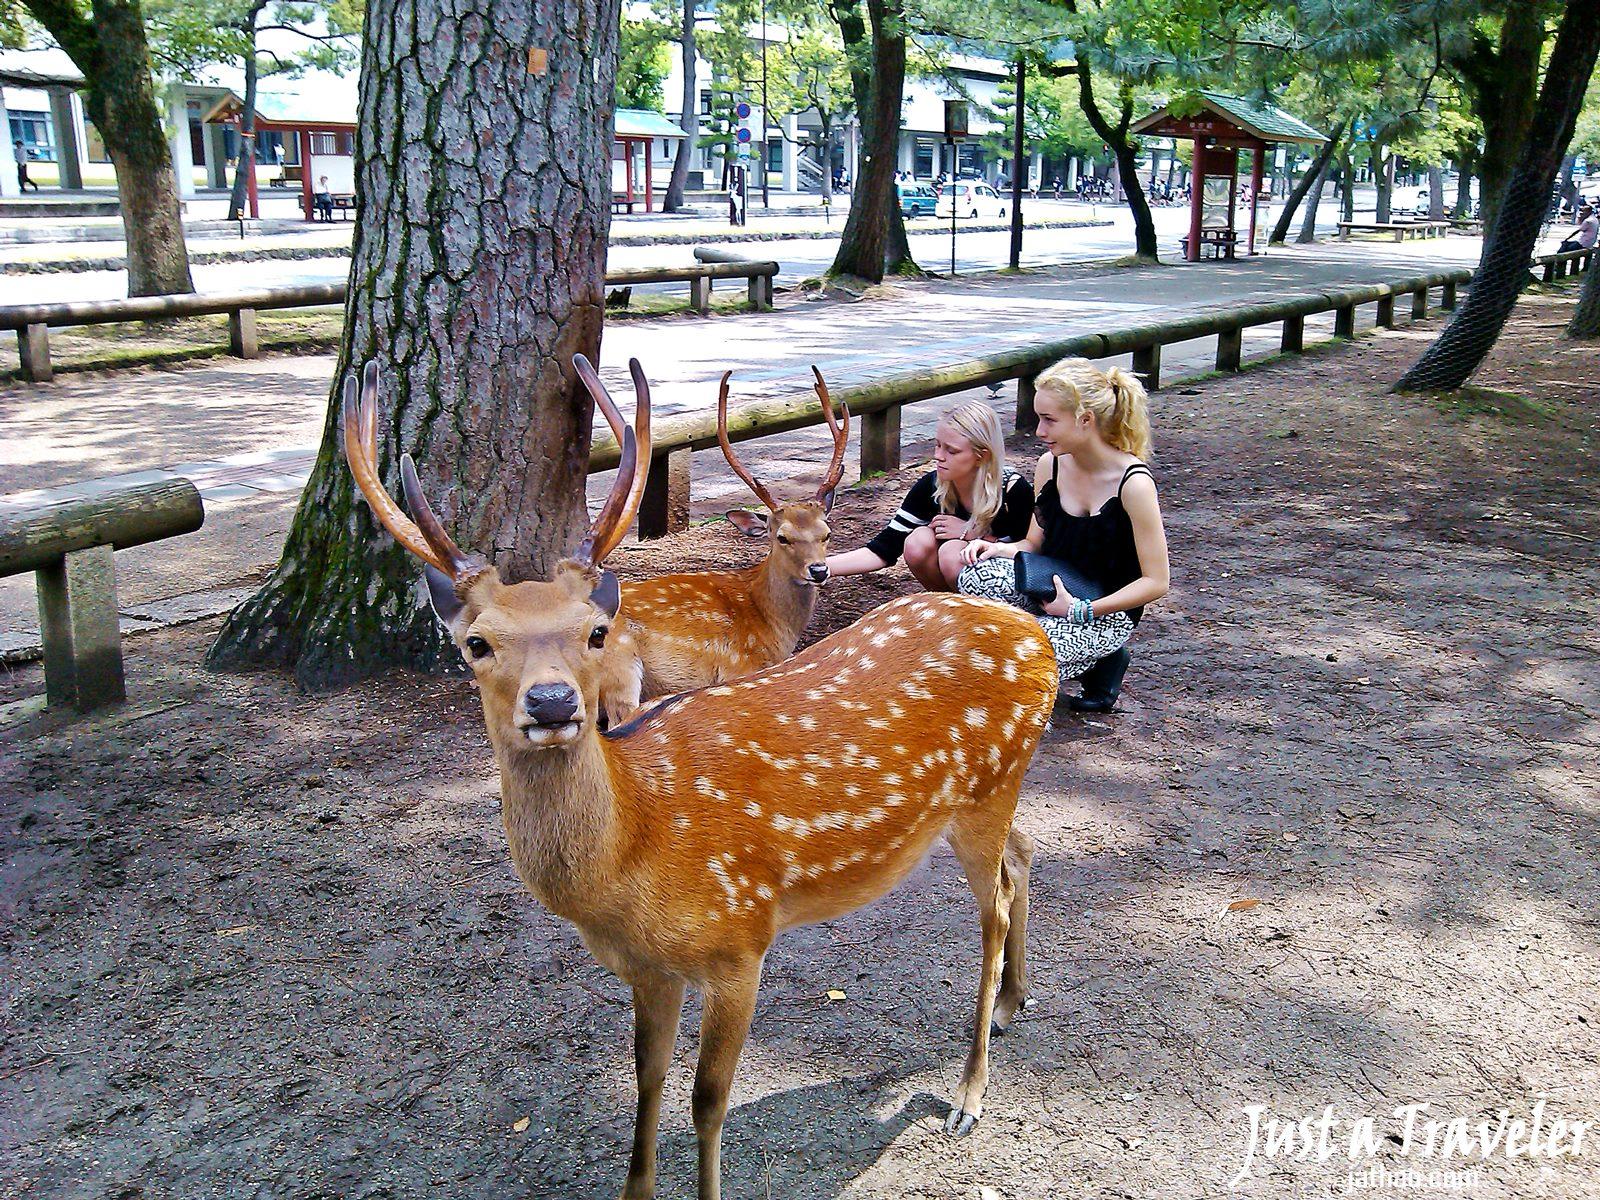 奈良-景點-推薦-奈良公園-Nara Park-市區-自由行-必玩-必遊-旅遊-觀光-日本-Nara-Tourist-Attraction